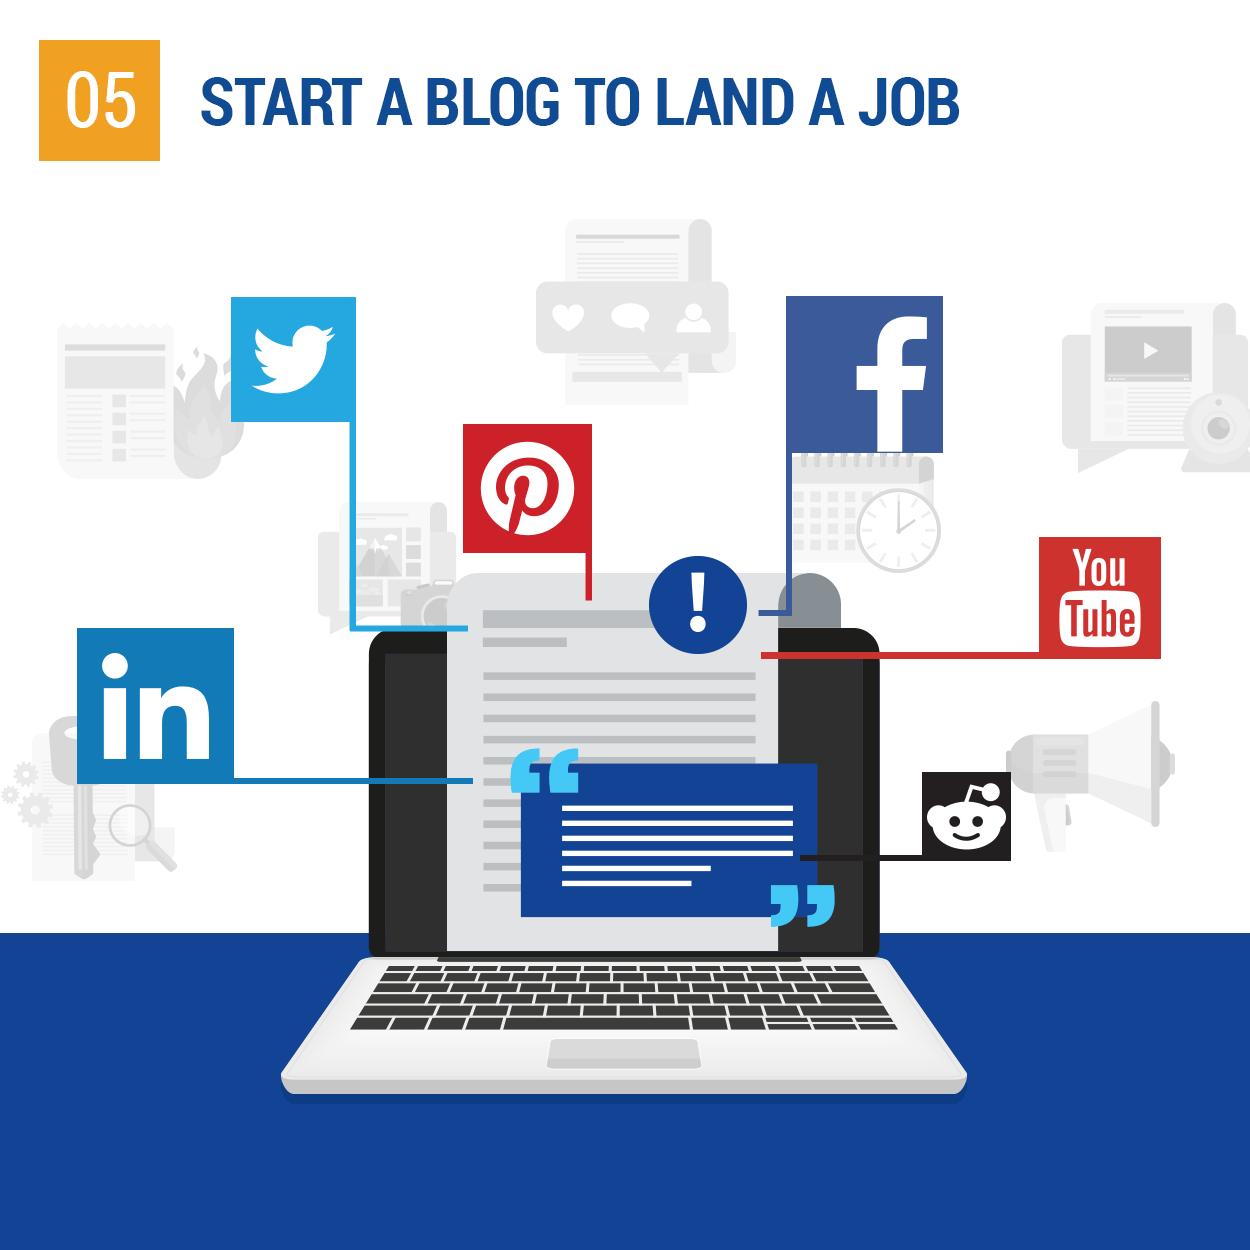 Start a blog to land a job